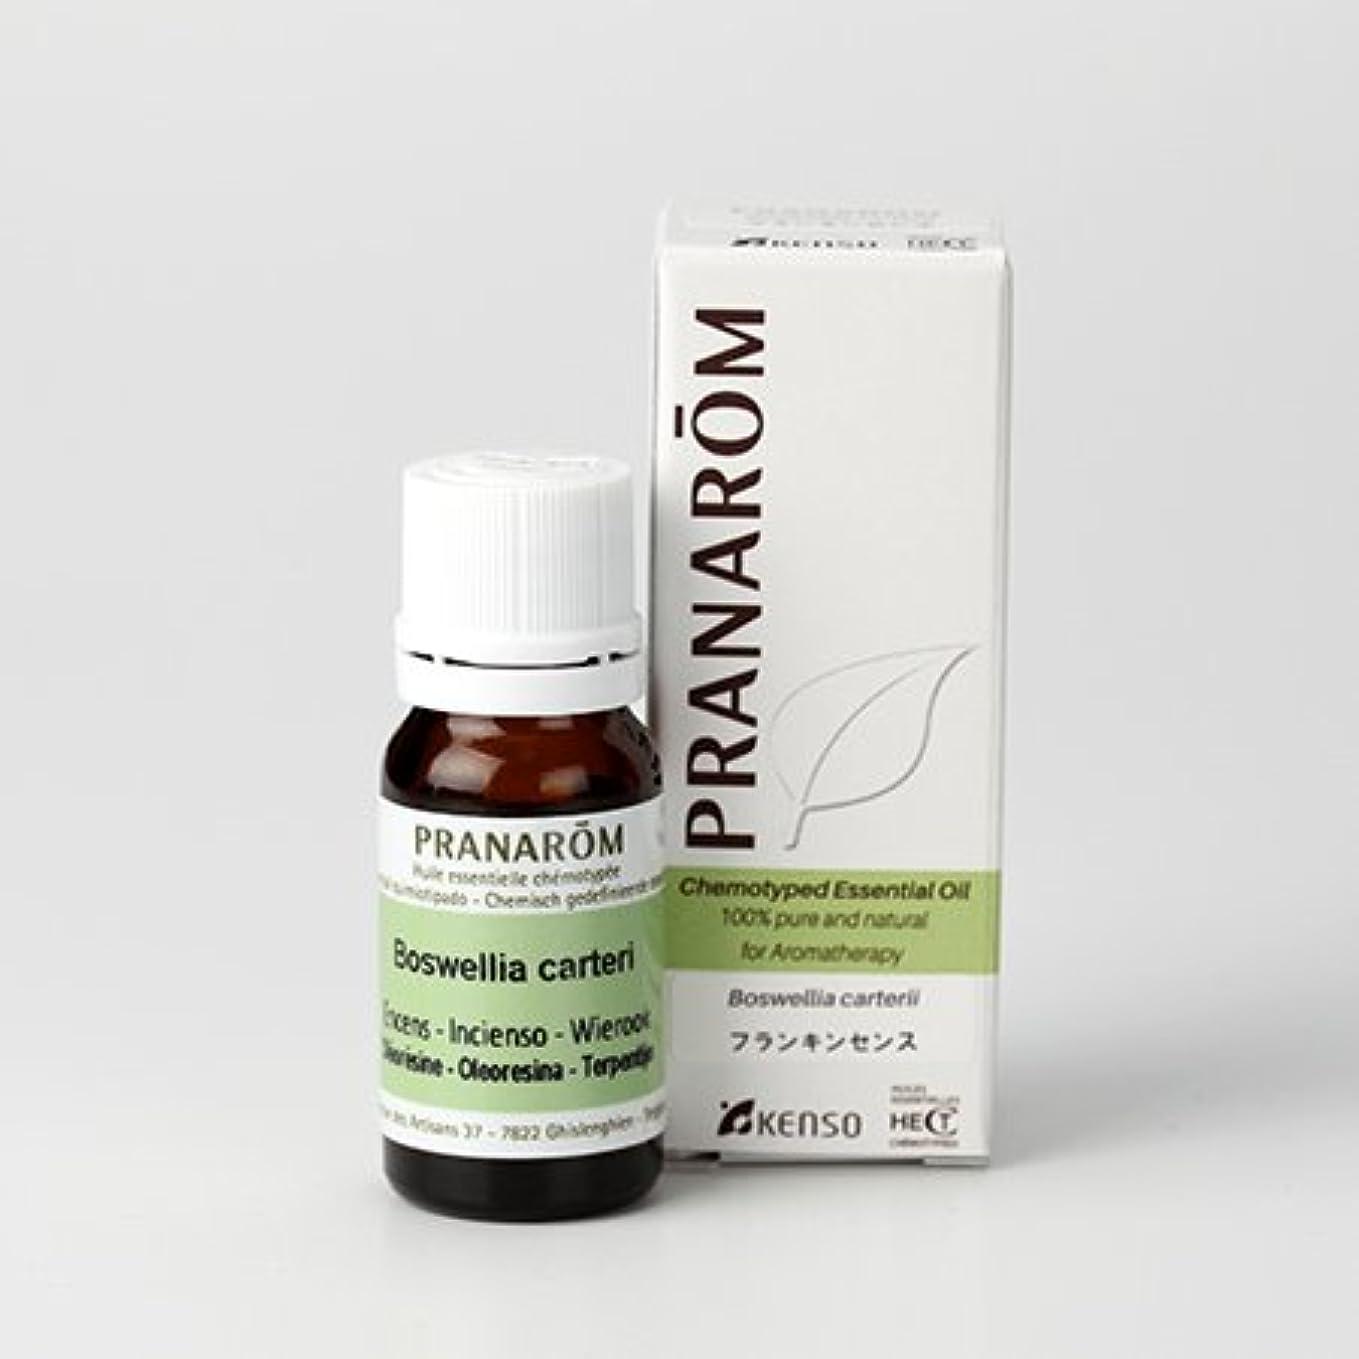 師匠ぬれた味わうプラナロム ( PRANAROM ) 精油 フランキンセンス 10ml p-20